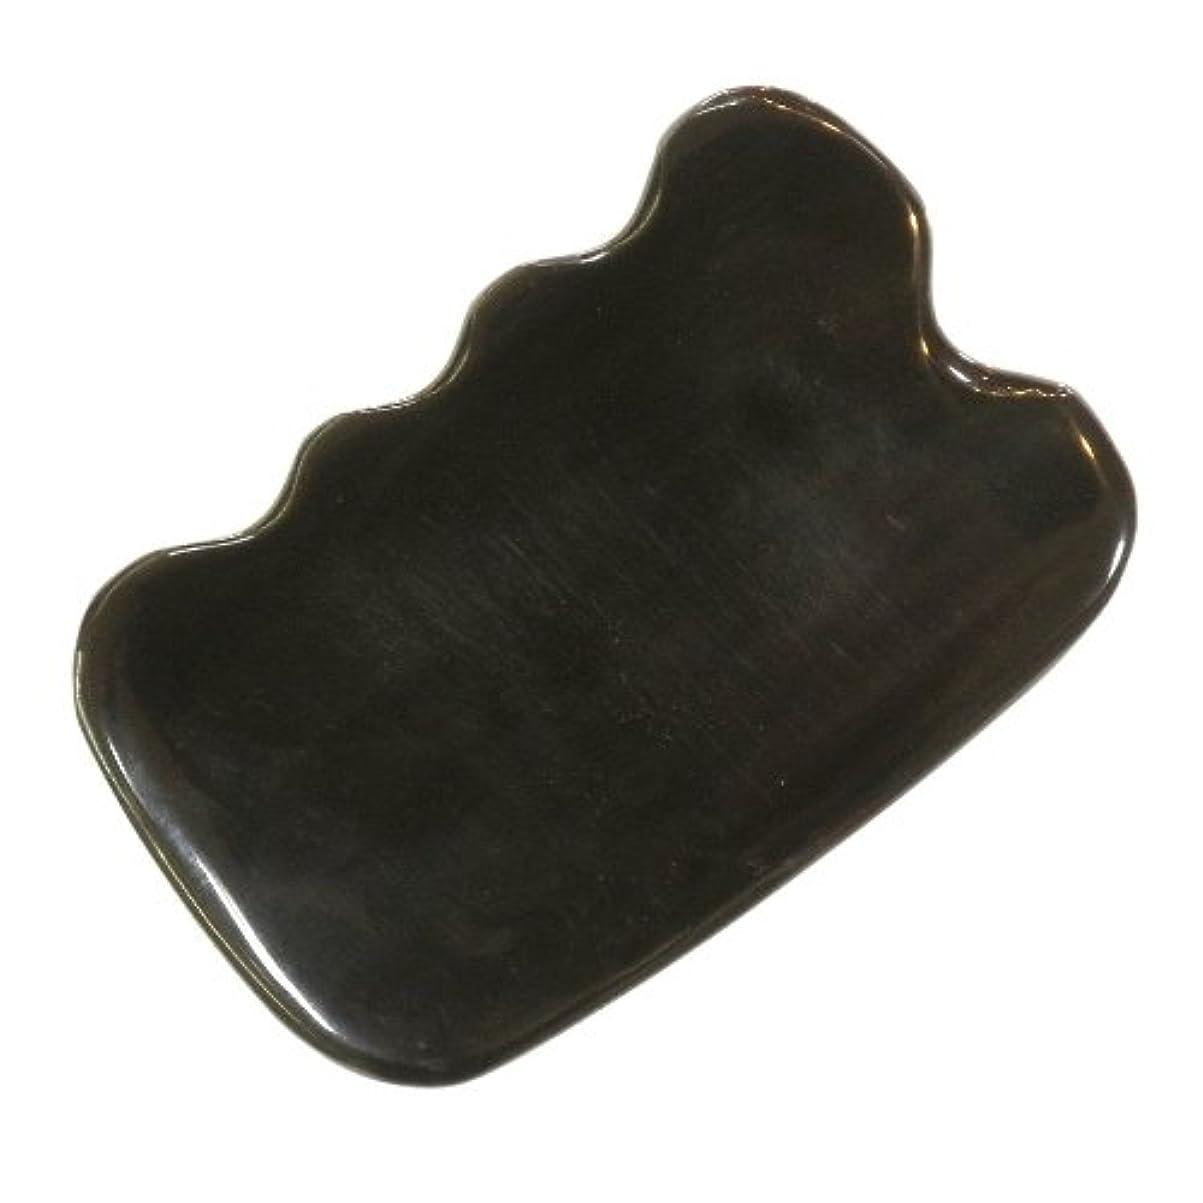 尾タヒチ和かっさ プレート 厚さが選べる ヤクの角(水牛の角) EHE272SP 四角波大 特級品 標準(6ミリ程度)